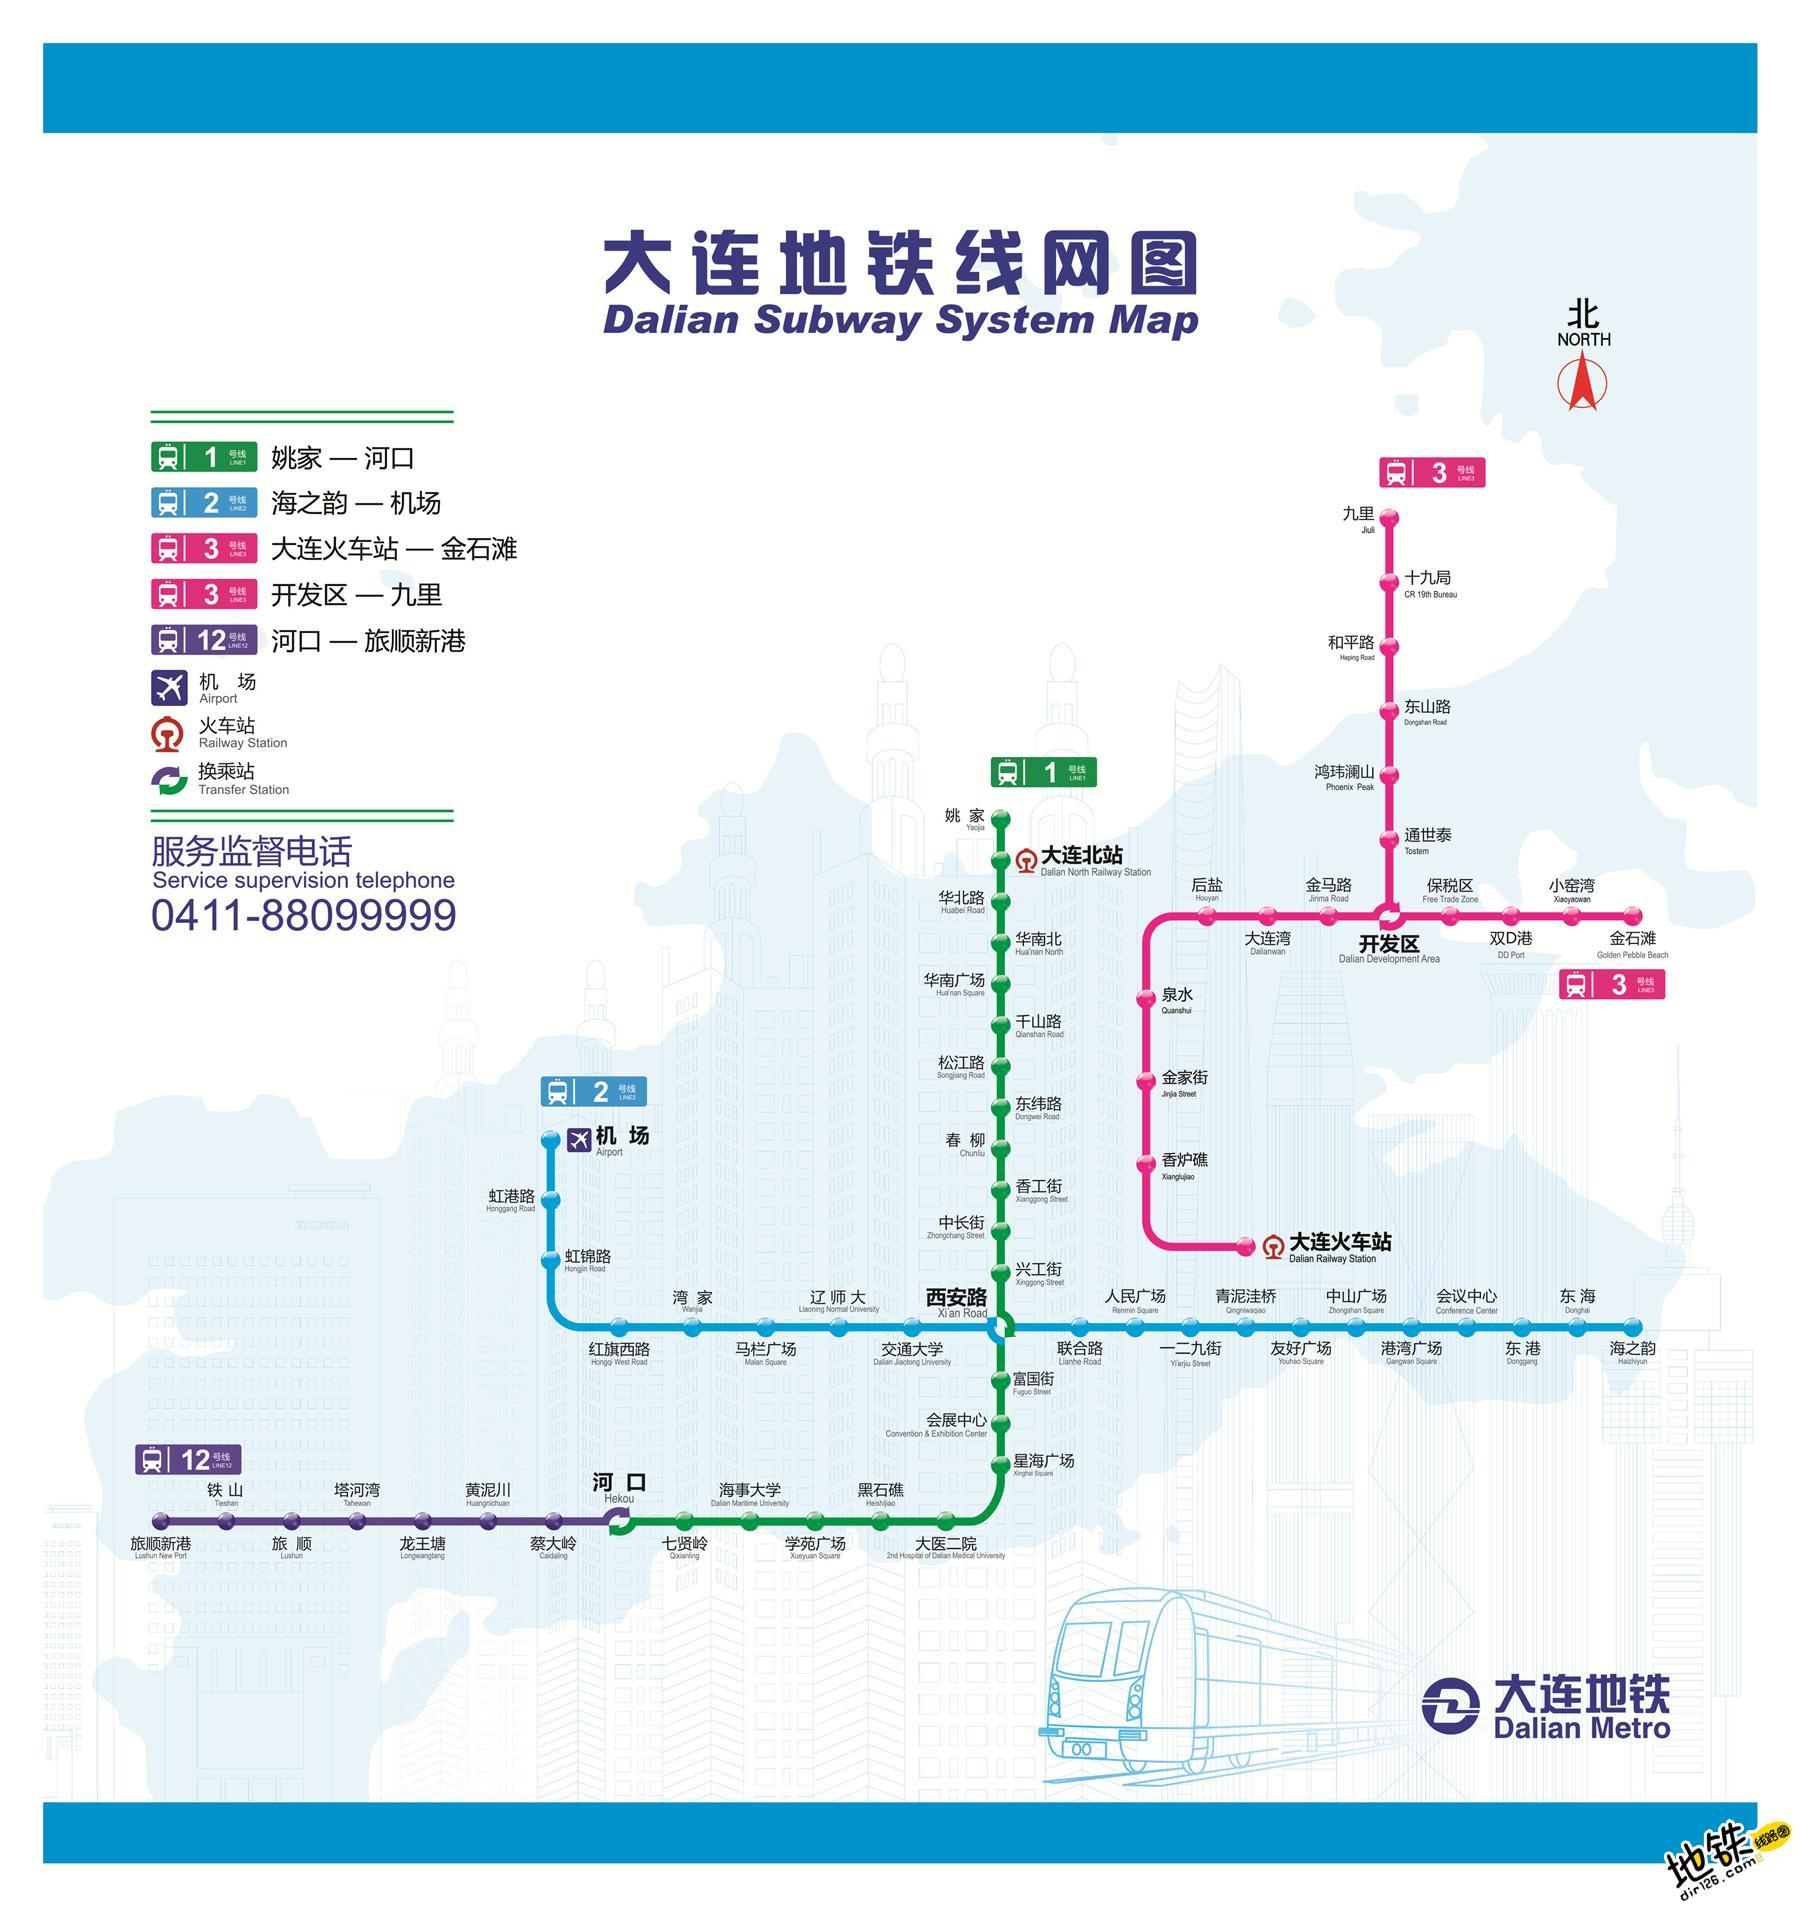 大连地铁线路图_运营时间票价站点_查询下载 大连地铁线路图 第2张